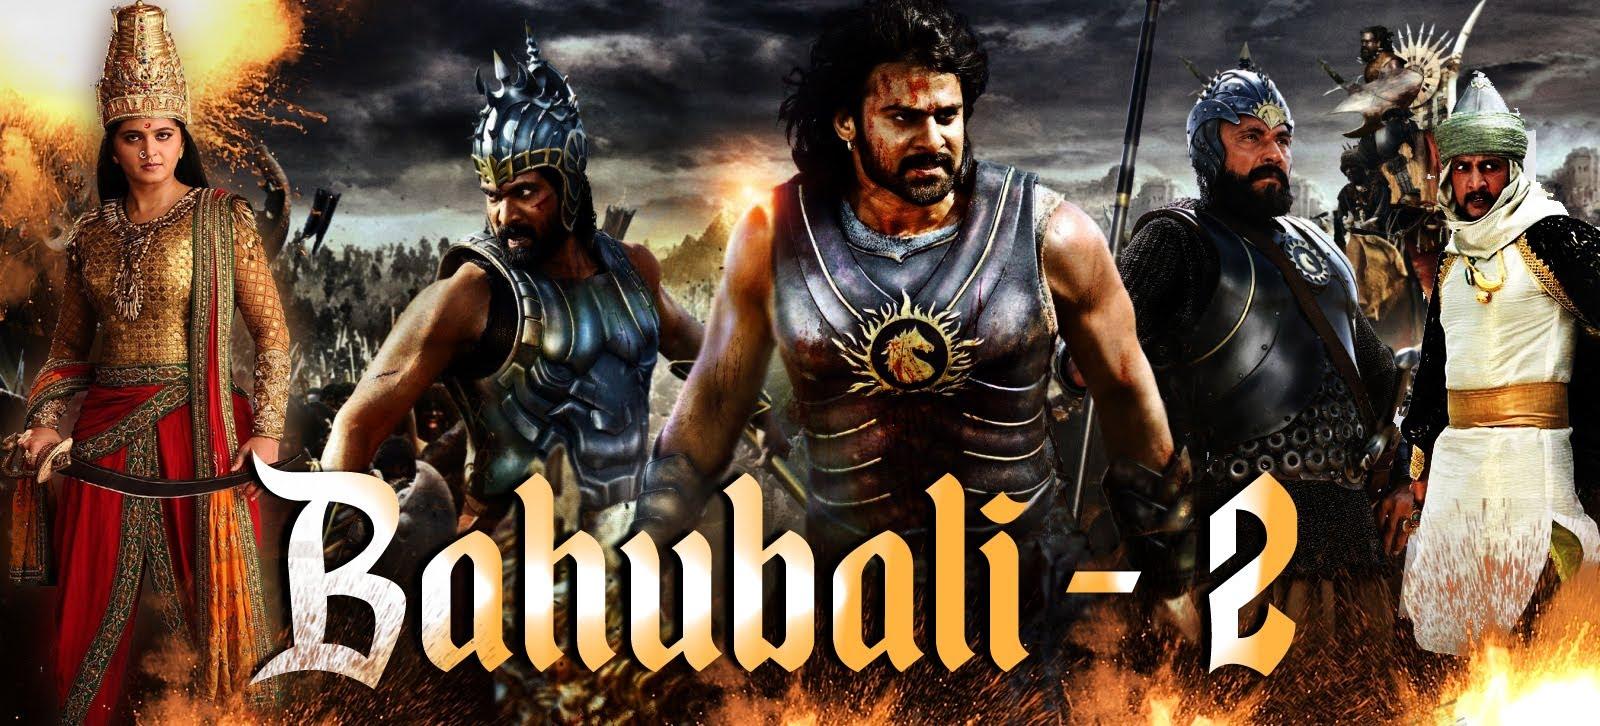 Bahubali 2 Reviews